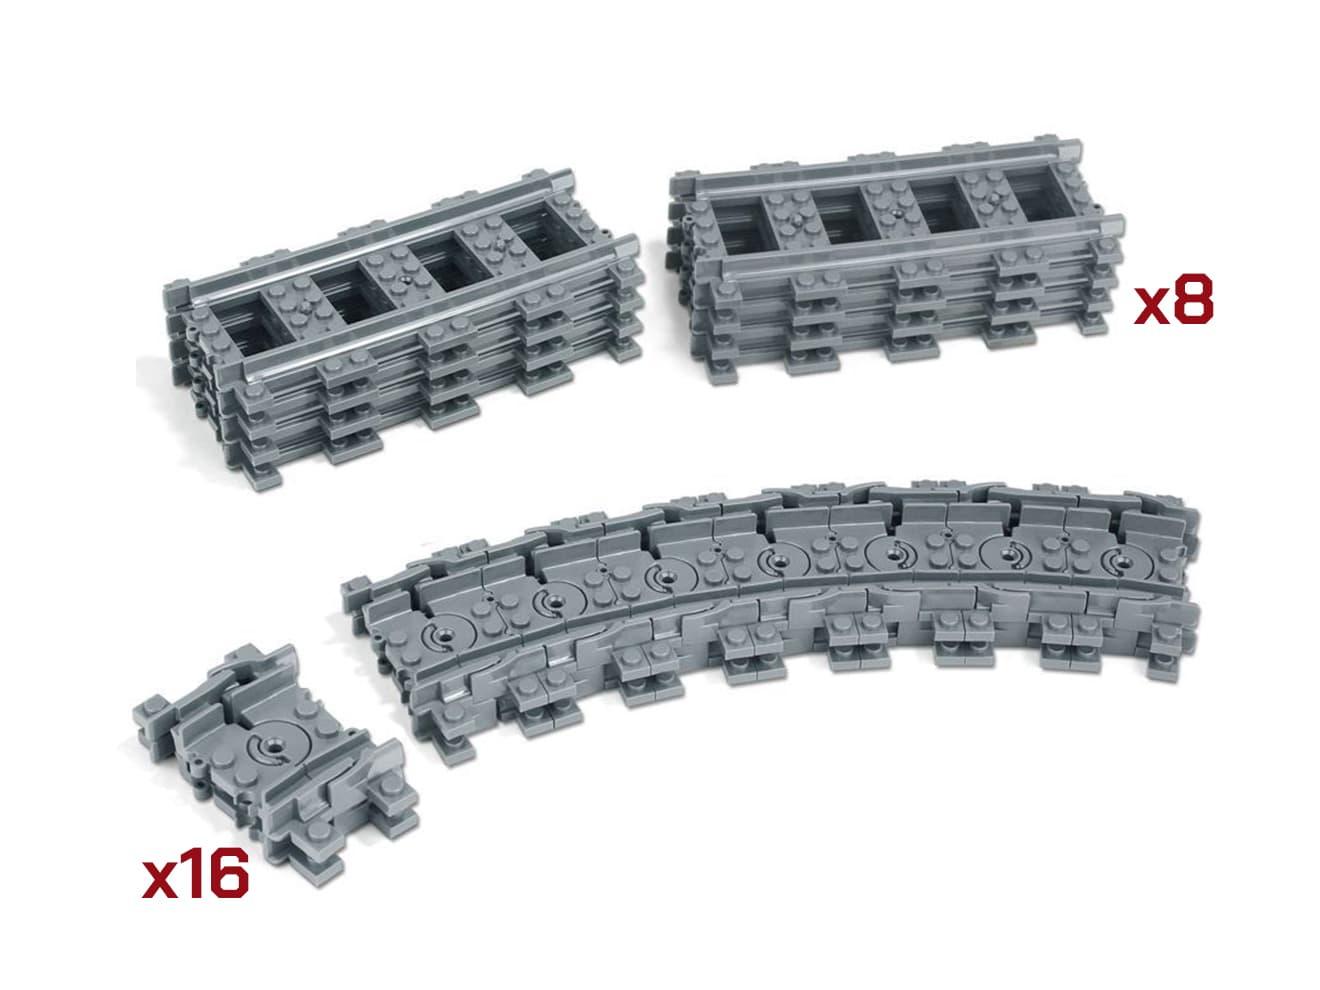 レール レイル レールセット 増設 ブロック トイ TOY フィギア 組み立て モデル 模型 プラスティック プラスチック レール部品 拡張パーツ 曲線 電車 レール延長 低価格化 ご予約品 直線レールx8+フレキシブルレールx16ユニット 貨物列車 トレイン 機関車 鉄道玩具 鉄道模型 玩具 トレインブロックシリーズ゙用